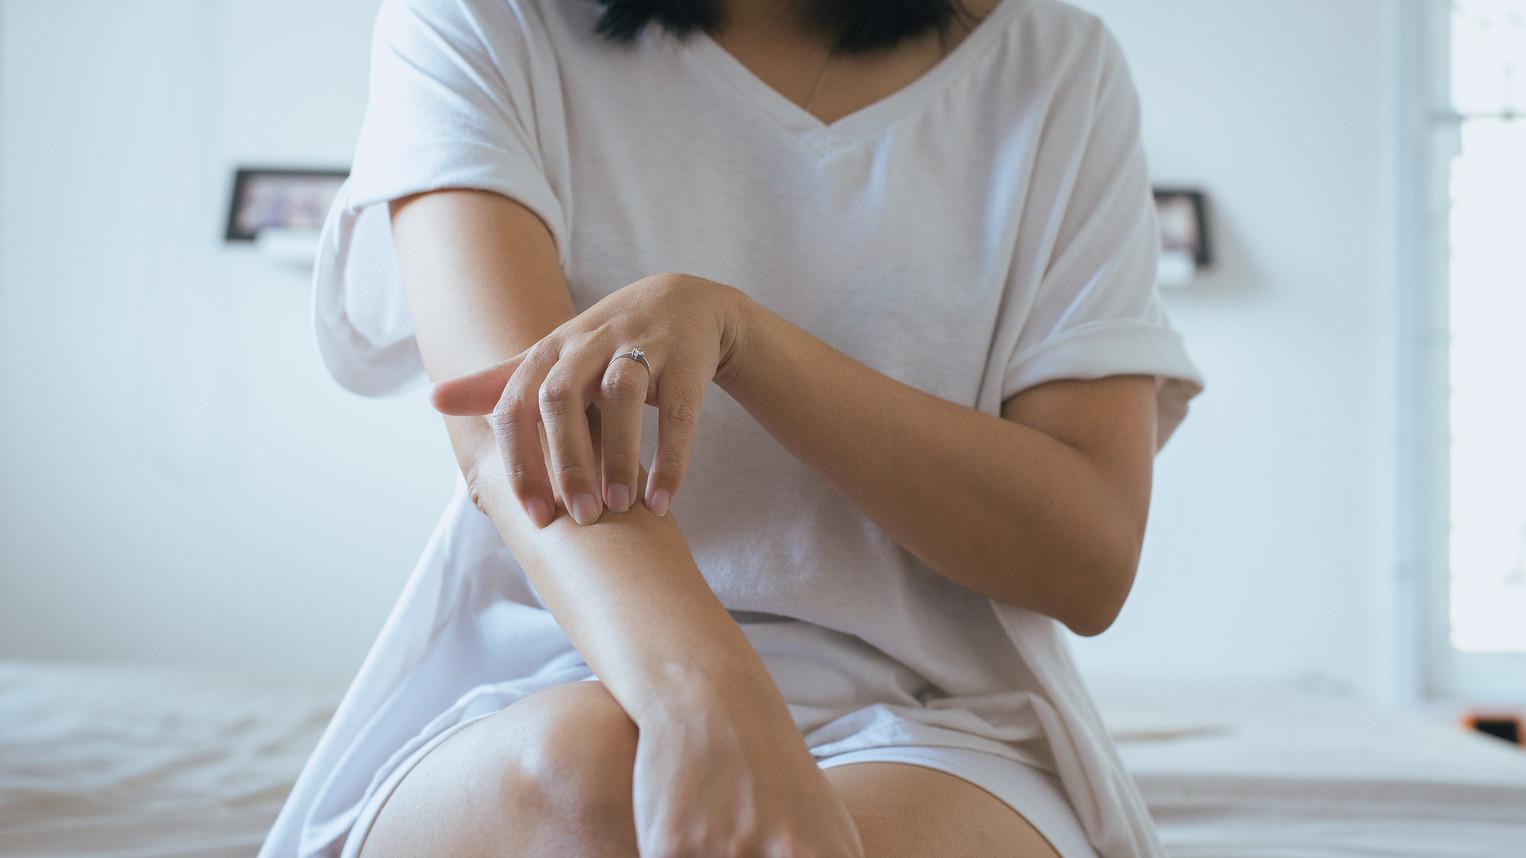 krém-viasz pikkelysömörből egészséges gyógymód a pikkelysömörre